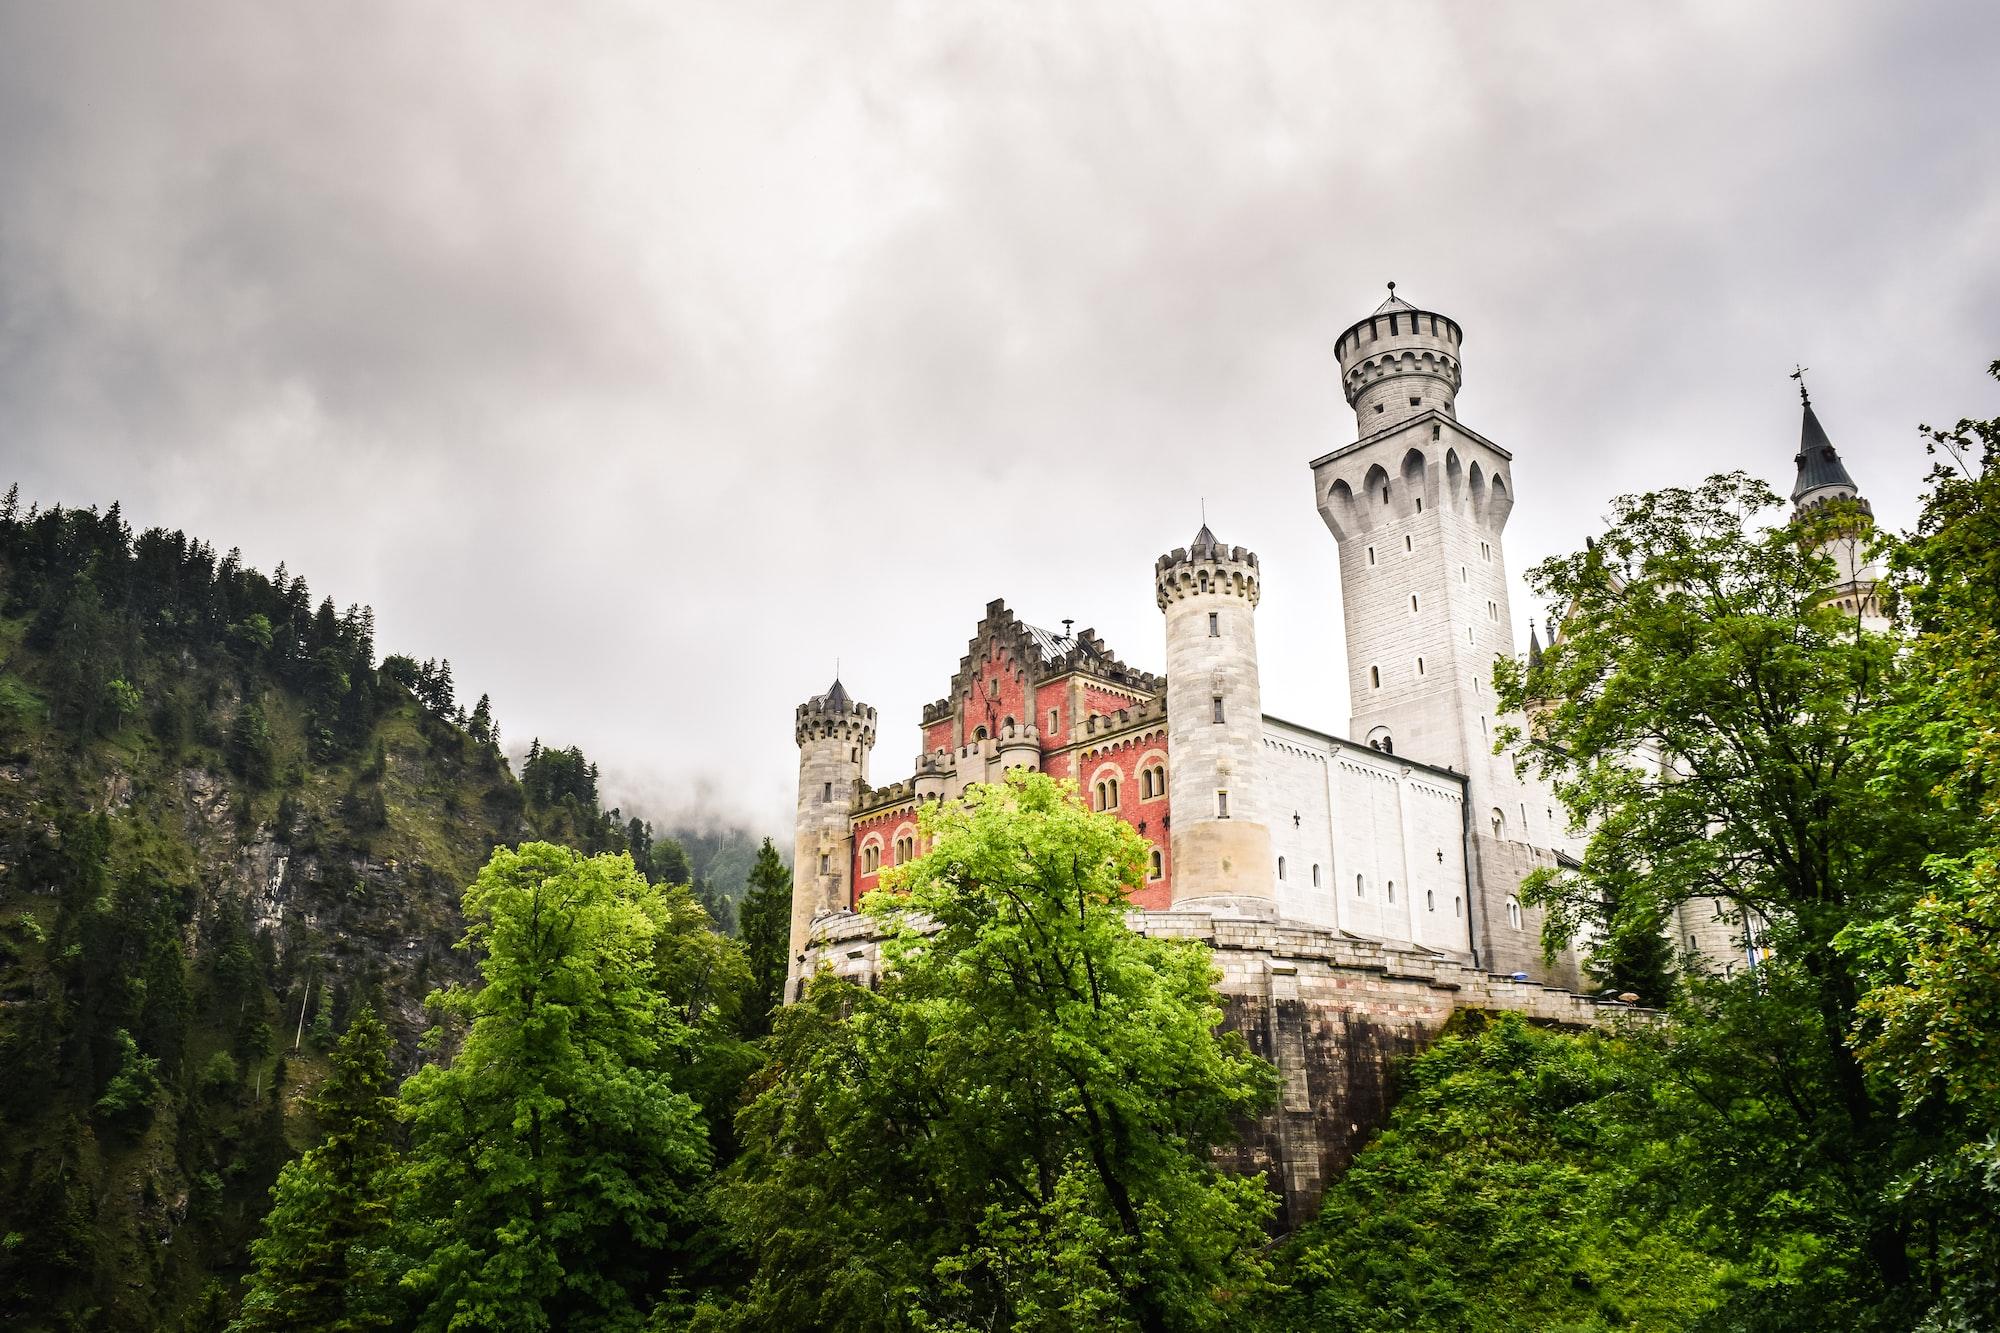 El castillo de Disney 🏰 Neuschwanstein